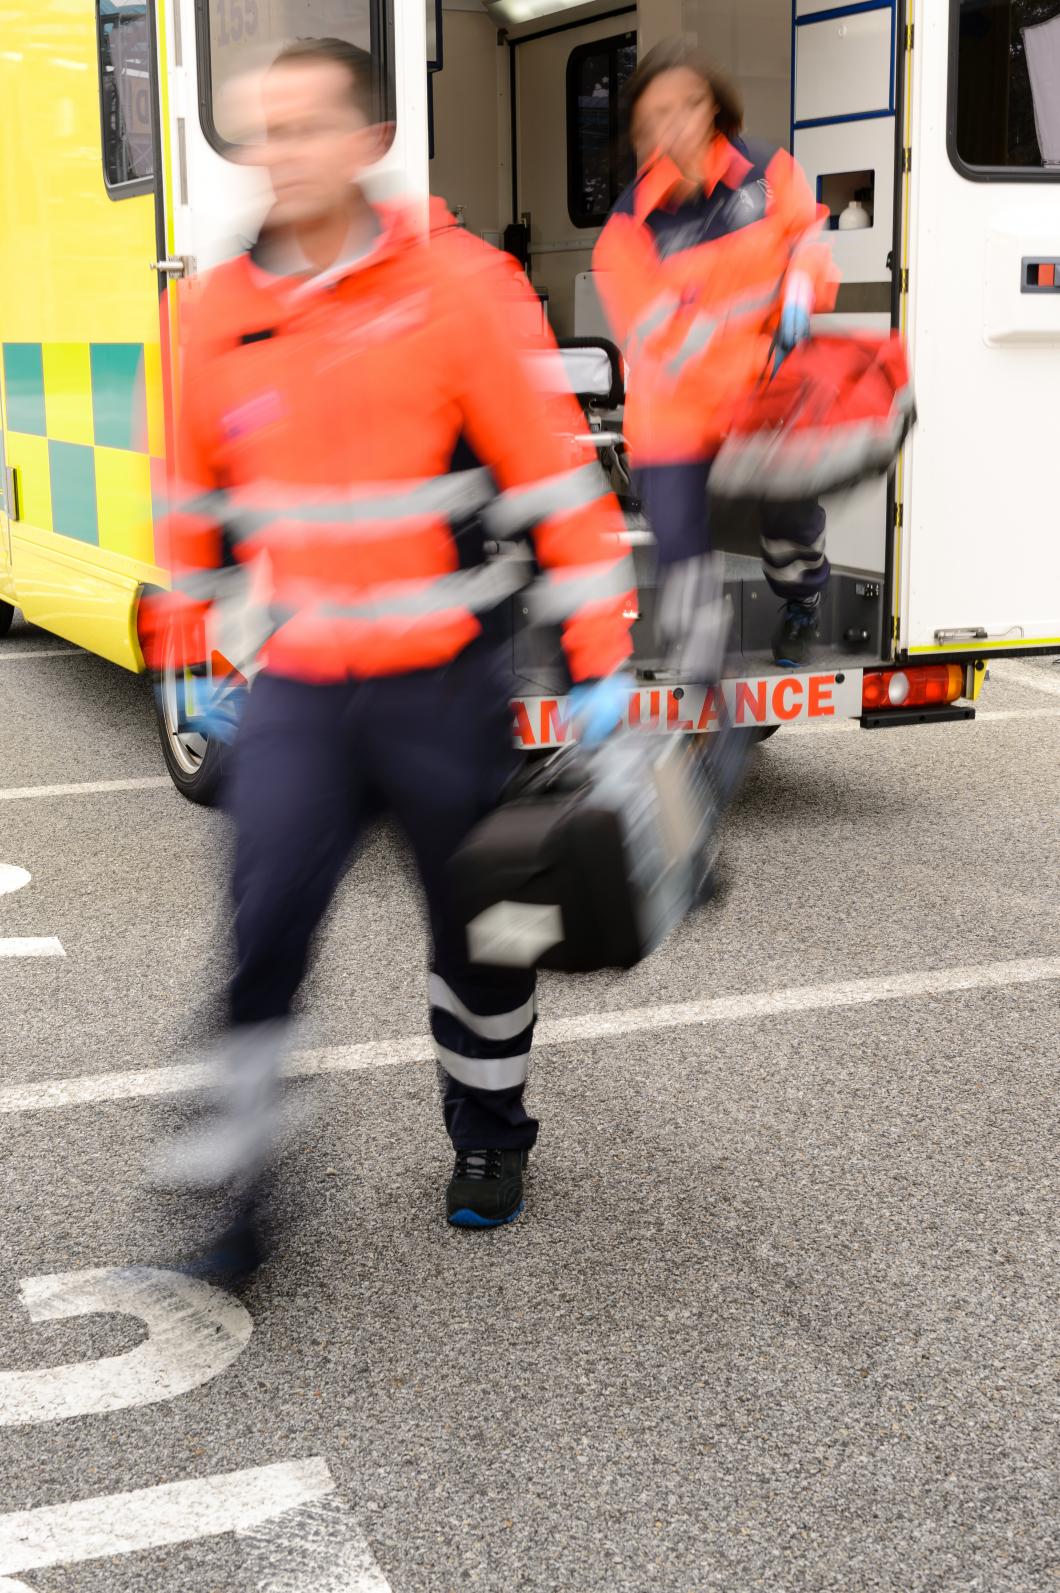 Dataspel inspirerar ambulansutbildning